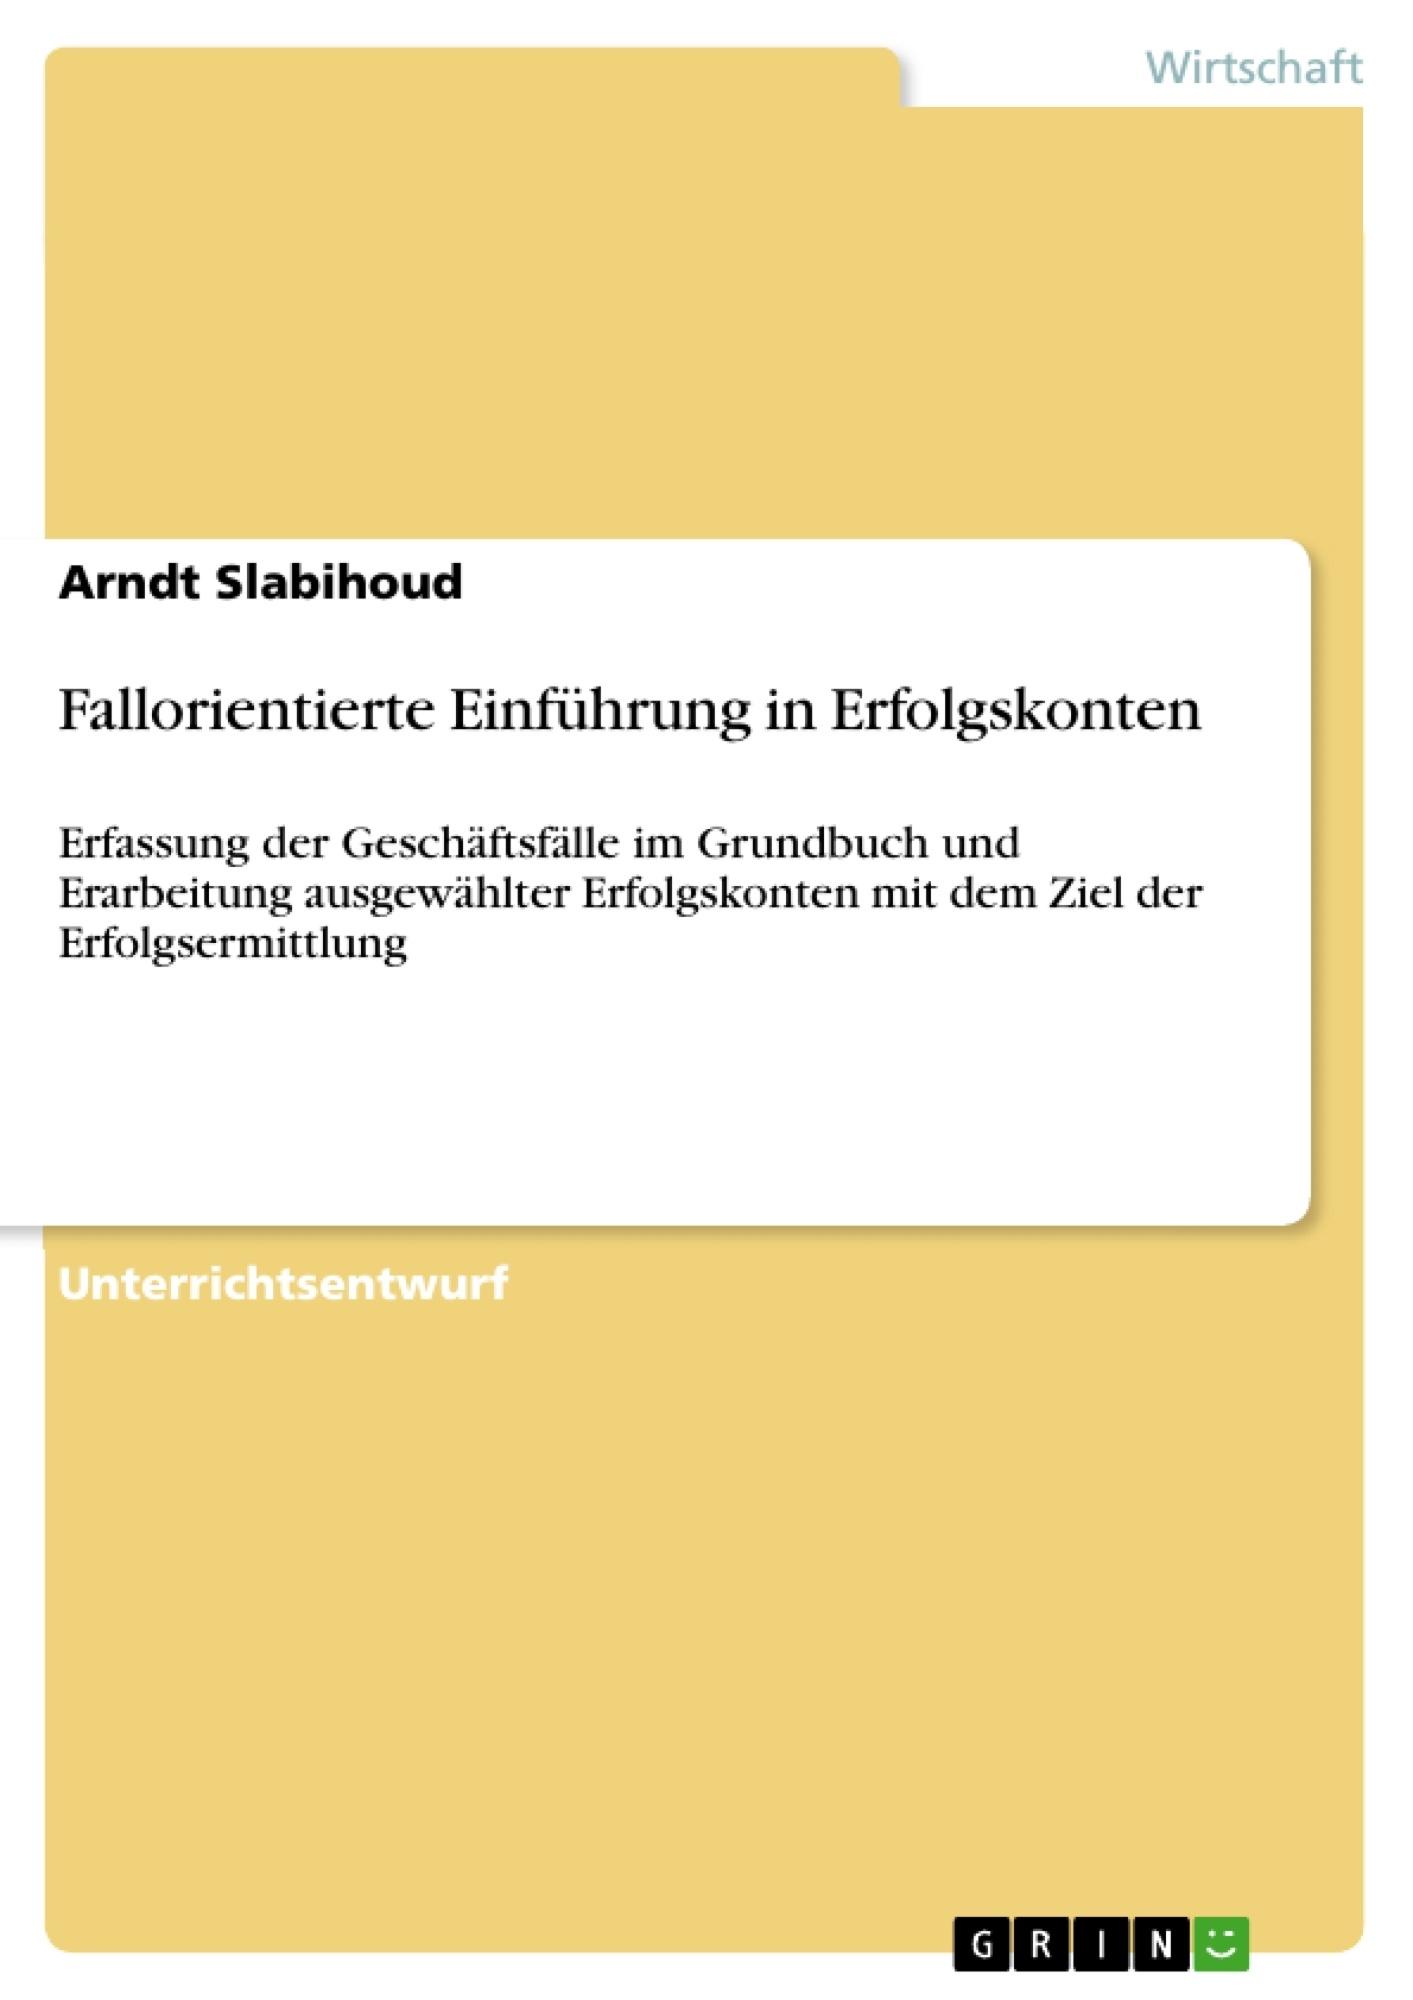 Titel: Fallorientierte Einführung in Erfolgskonten